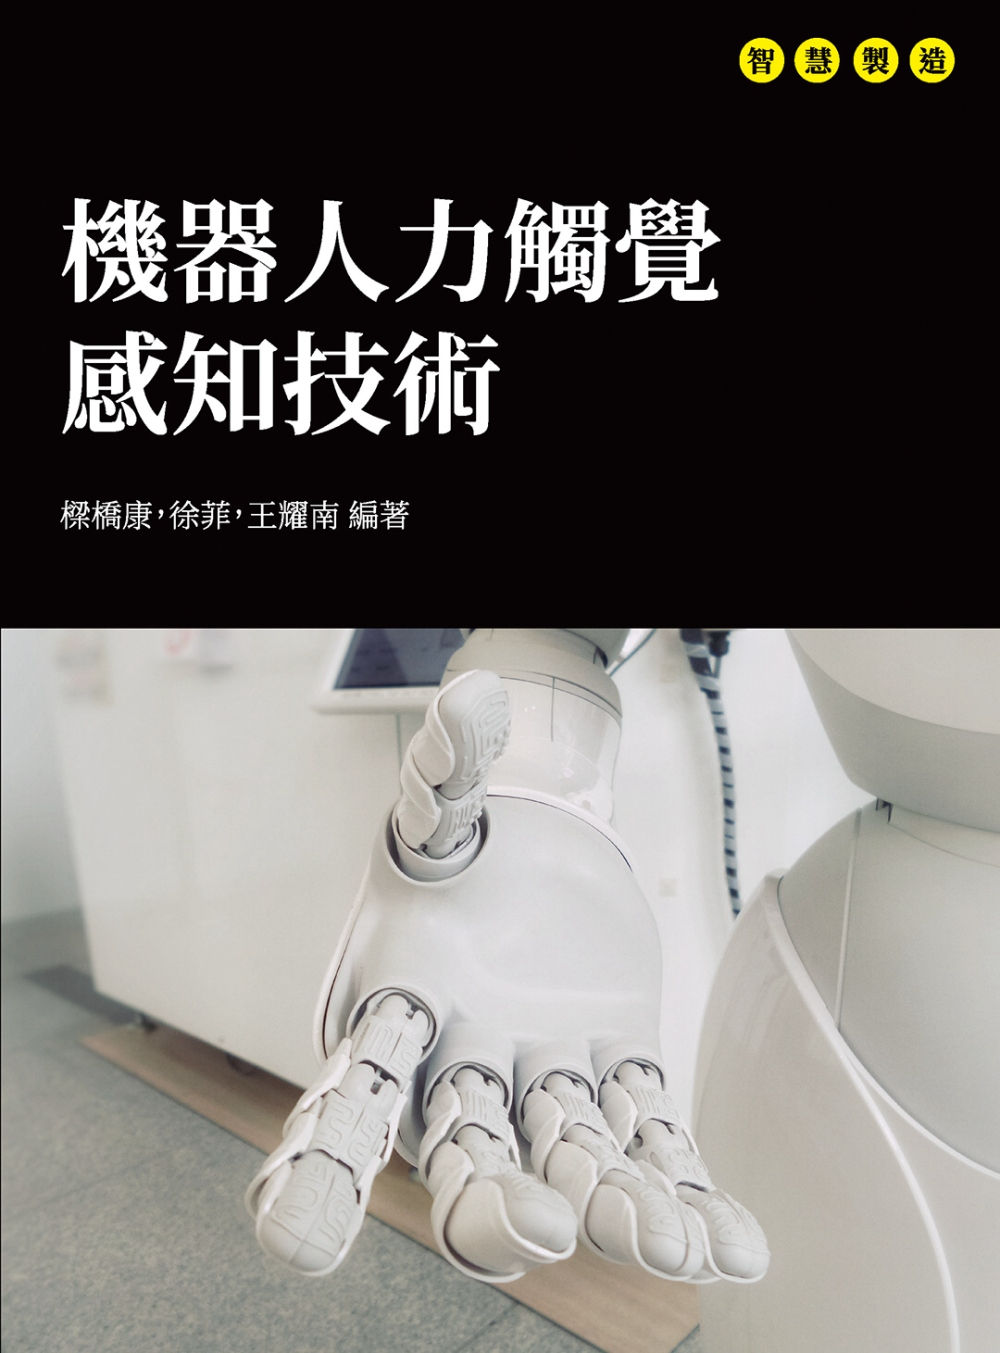 機器人力觸覺感知技術